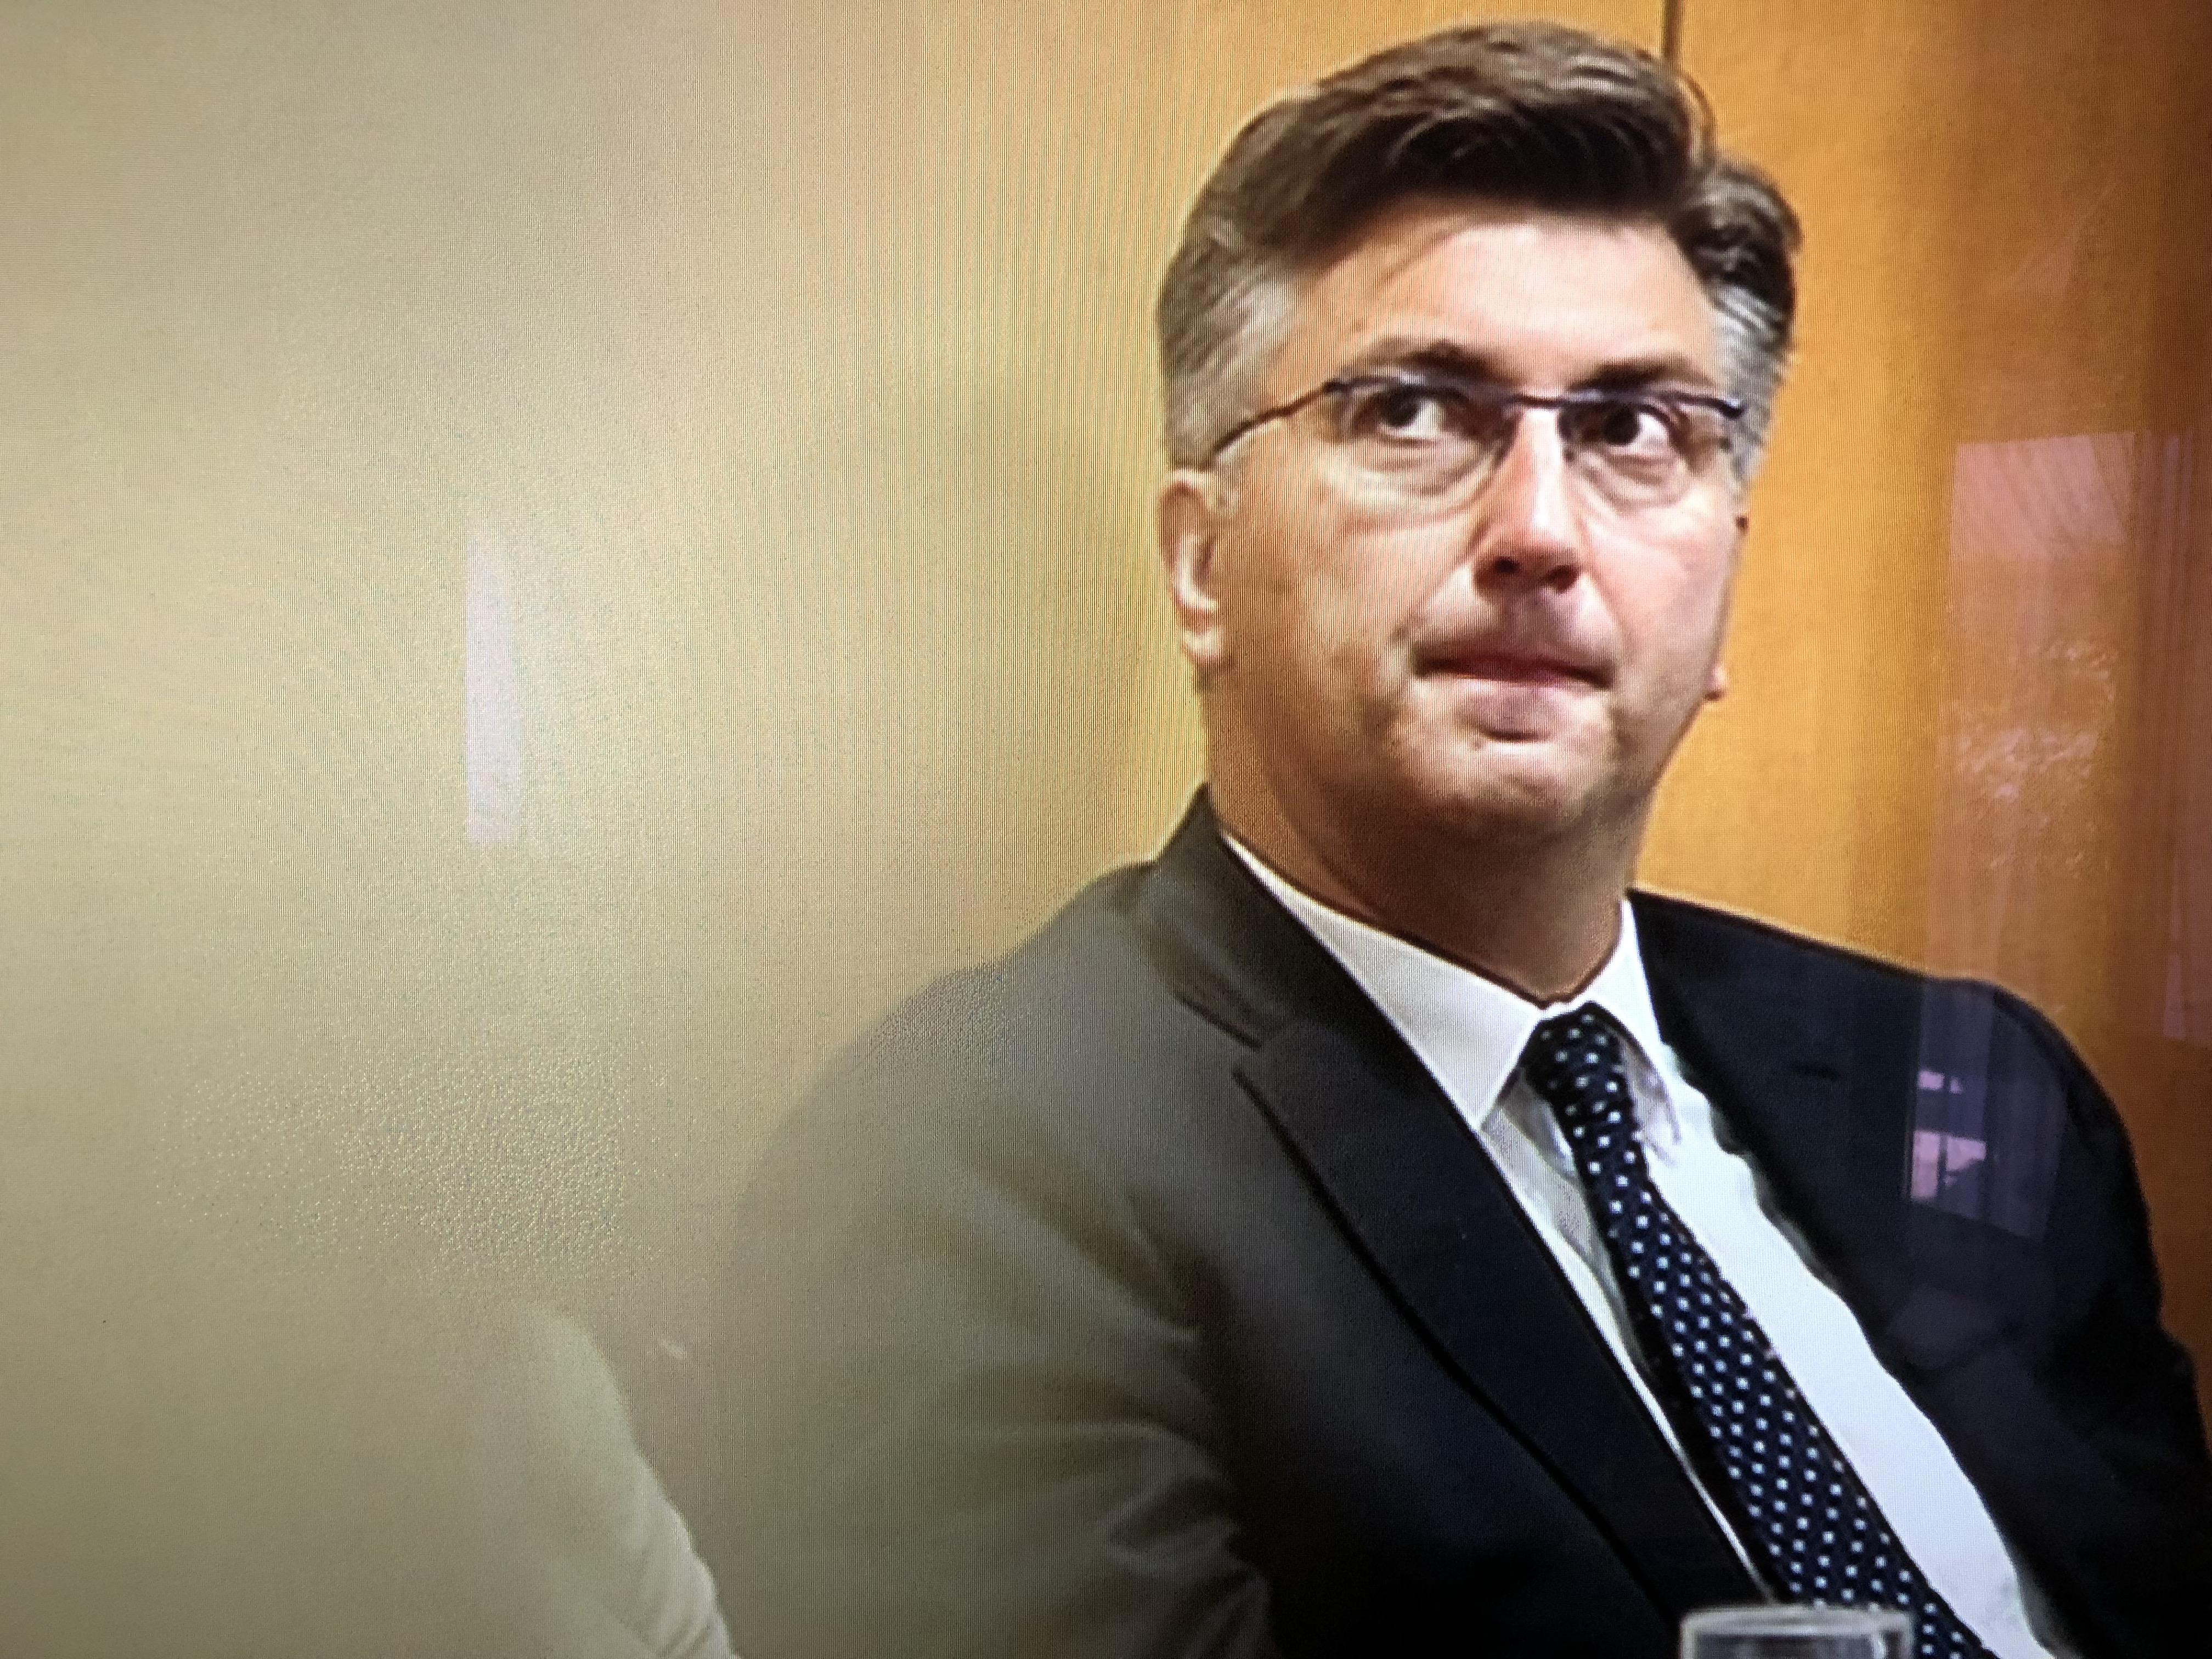 Hrvatski sabor započeo s radom, Plenković se hvalio postignućima